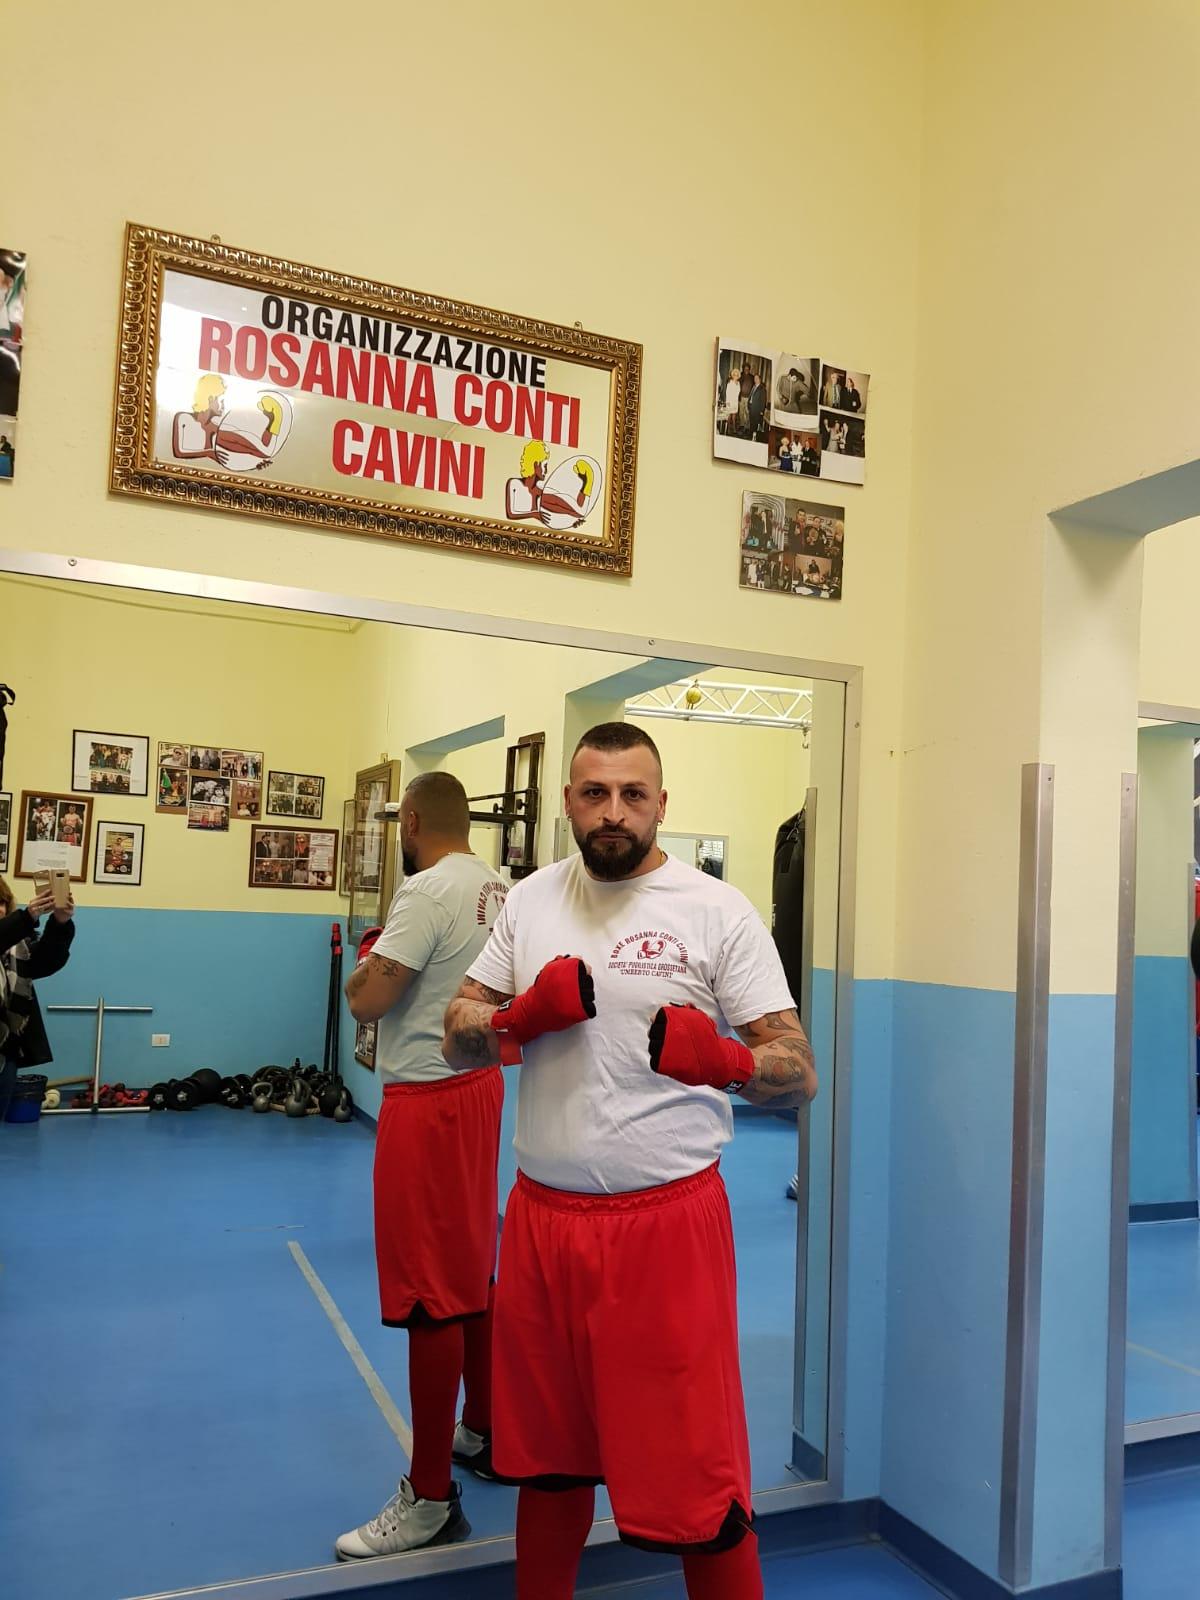 Boxe: Angelo Rizzo del team Rosanna Conti Cavini impegnato